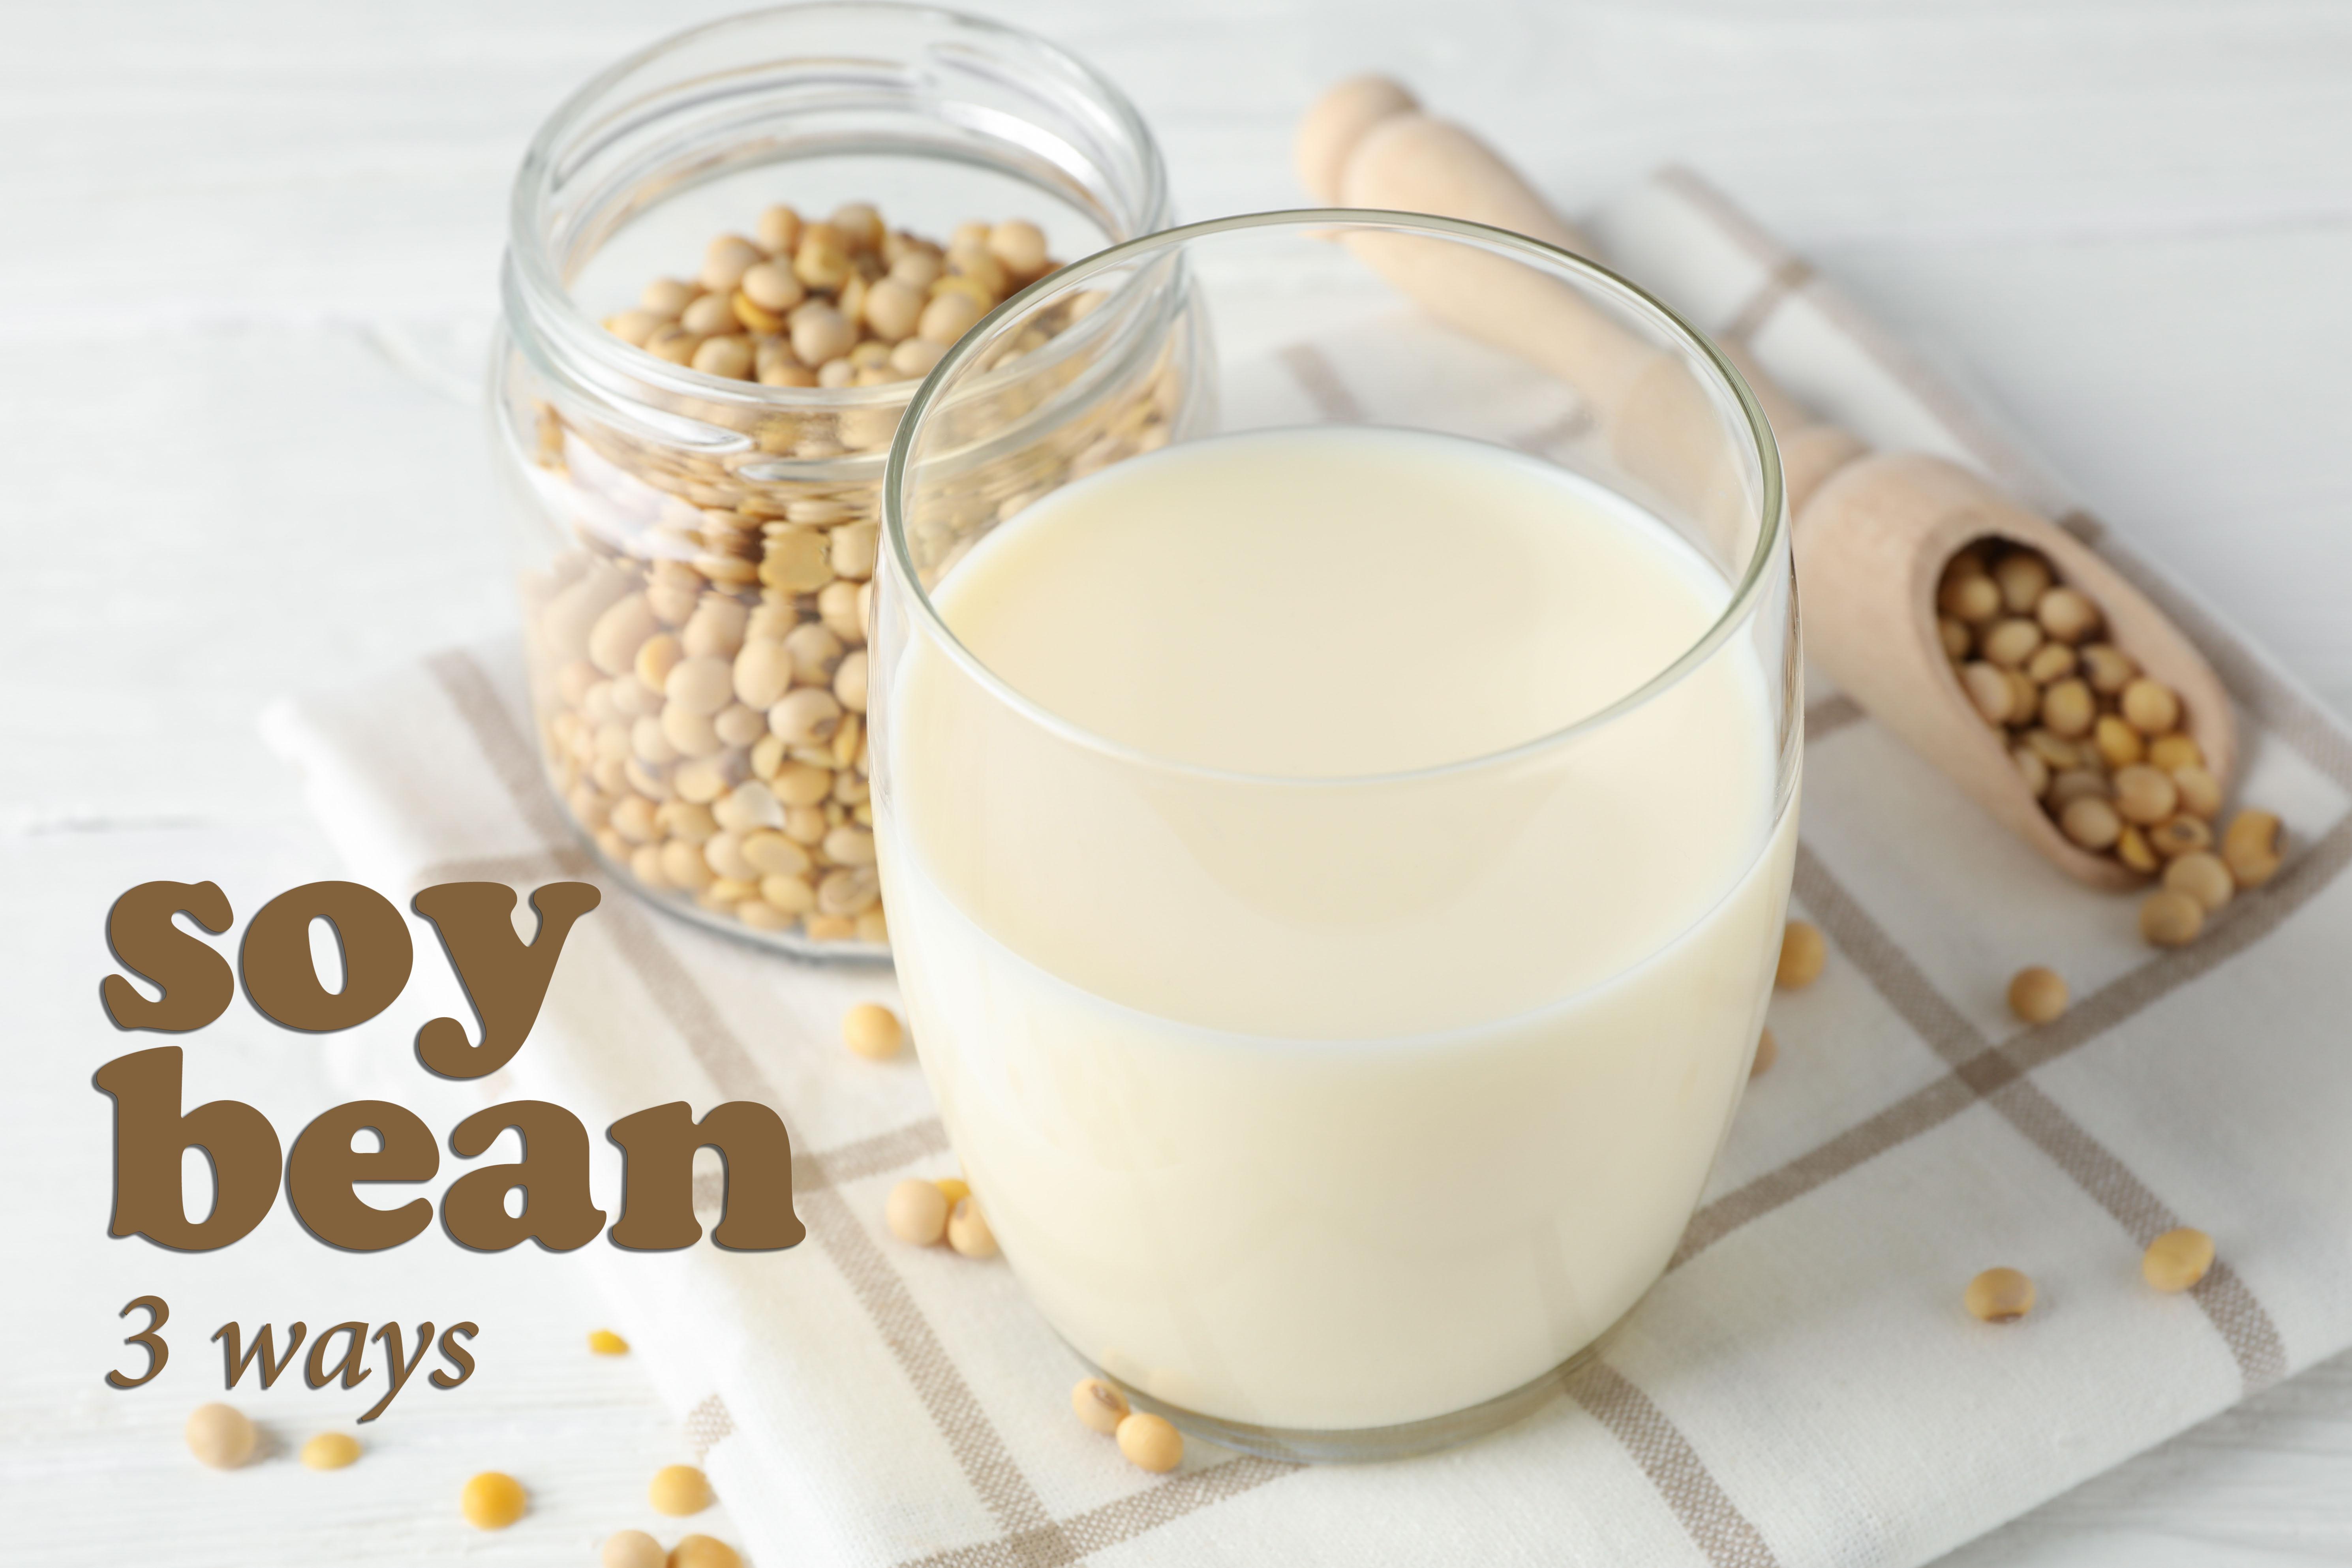 840x560-Soy-Bean-3-Ways